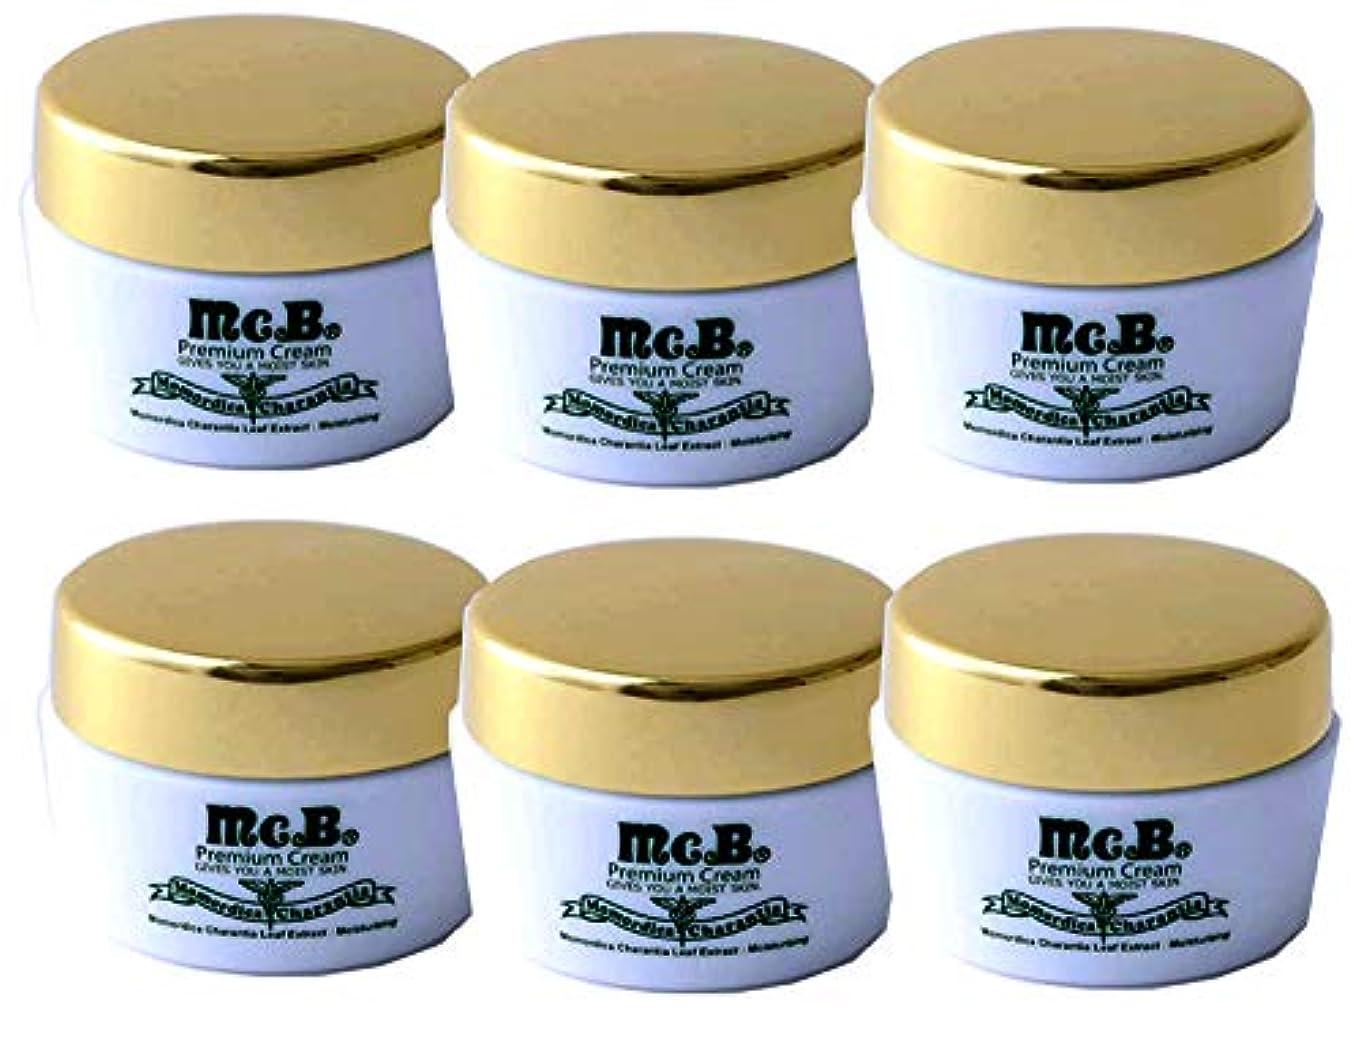 マックビー プレミアム クリーム【6個セット】Premium Cream 平戸ツルレイシ